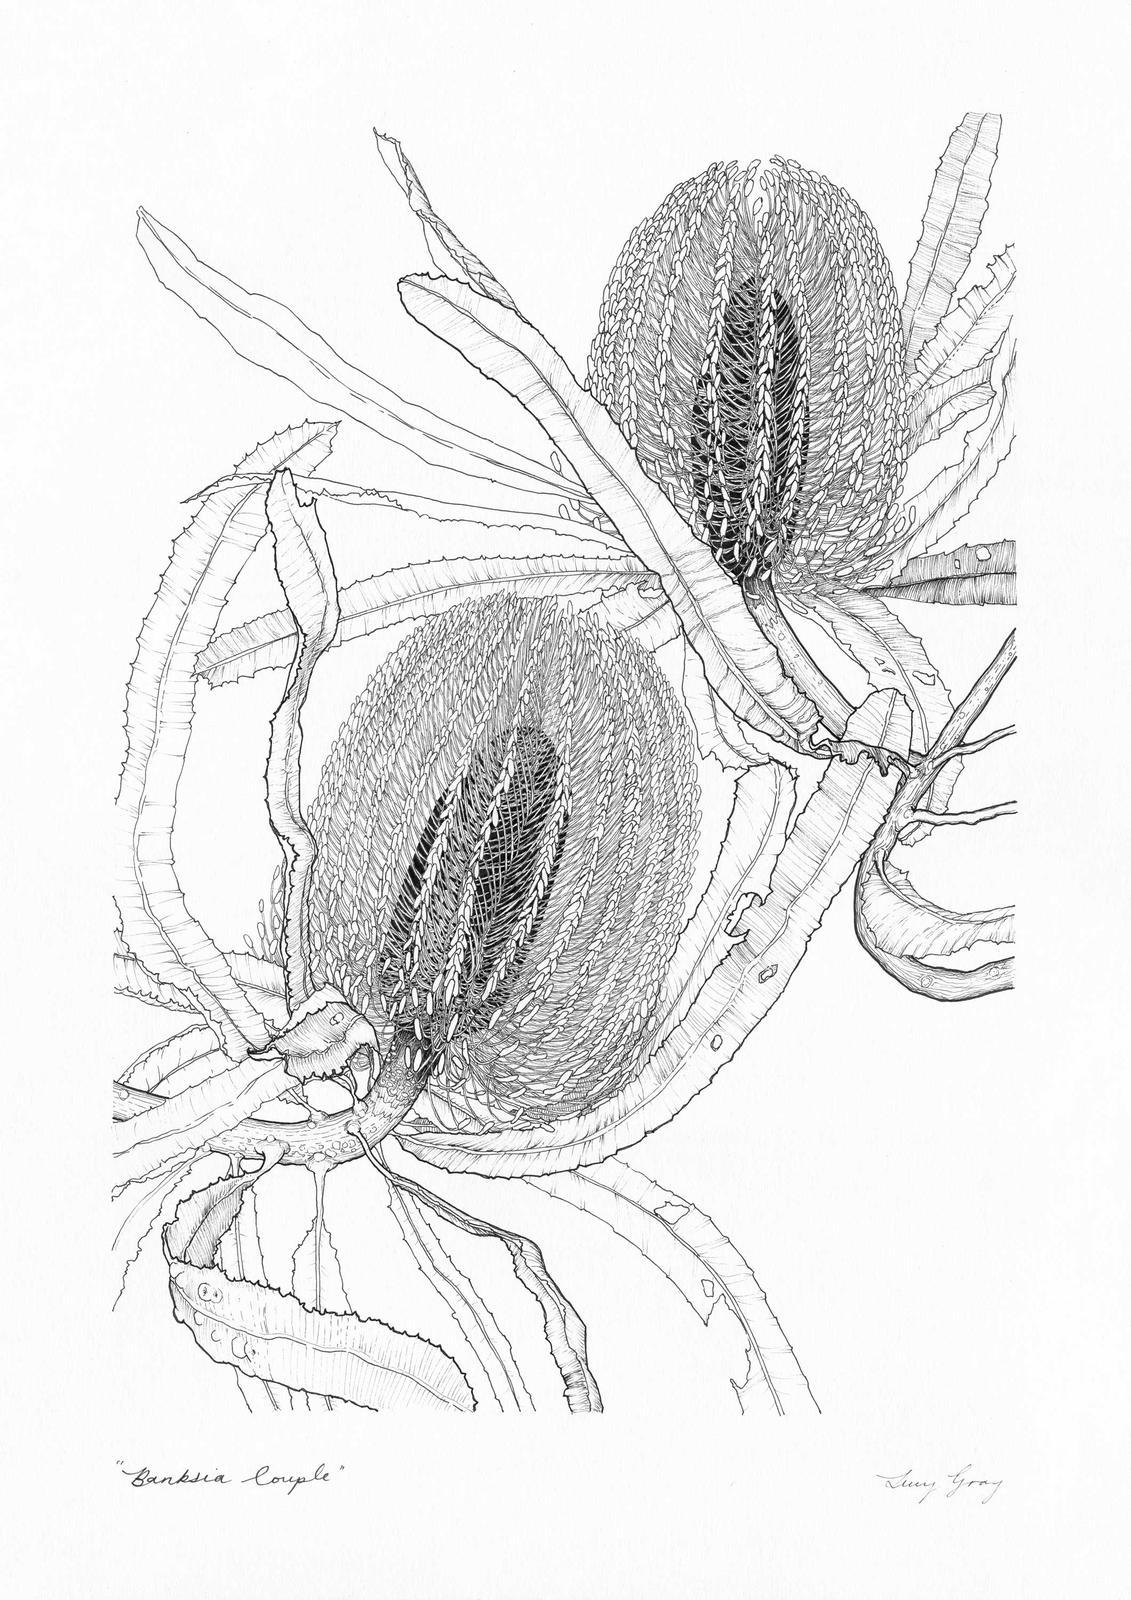 Banksia Couple